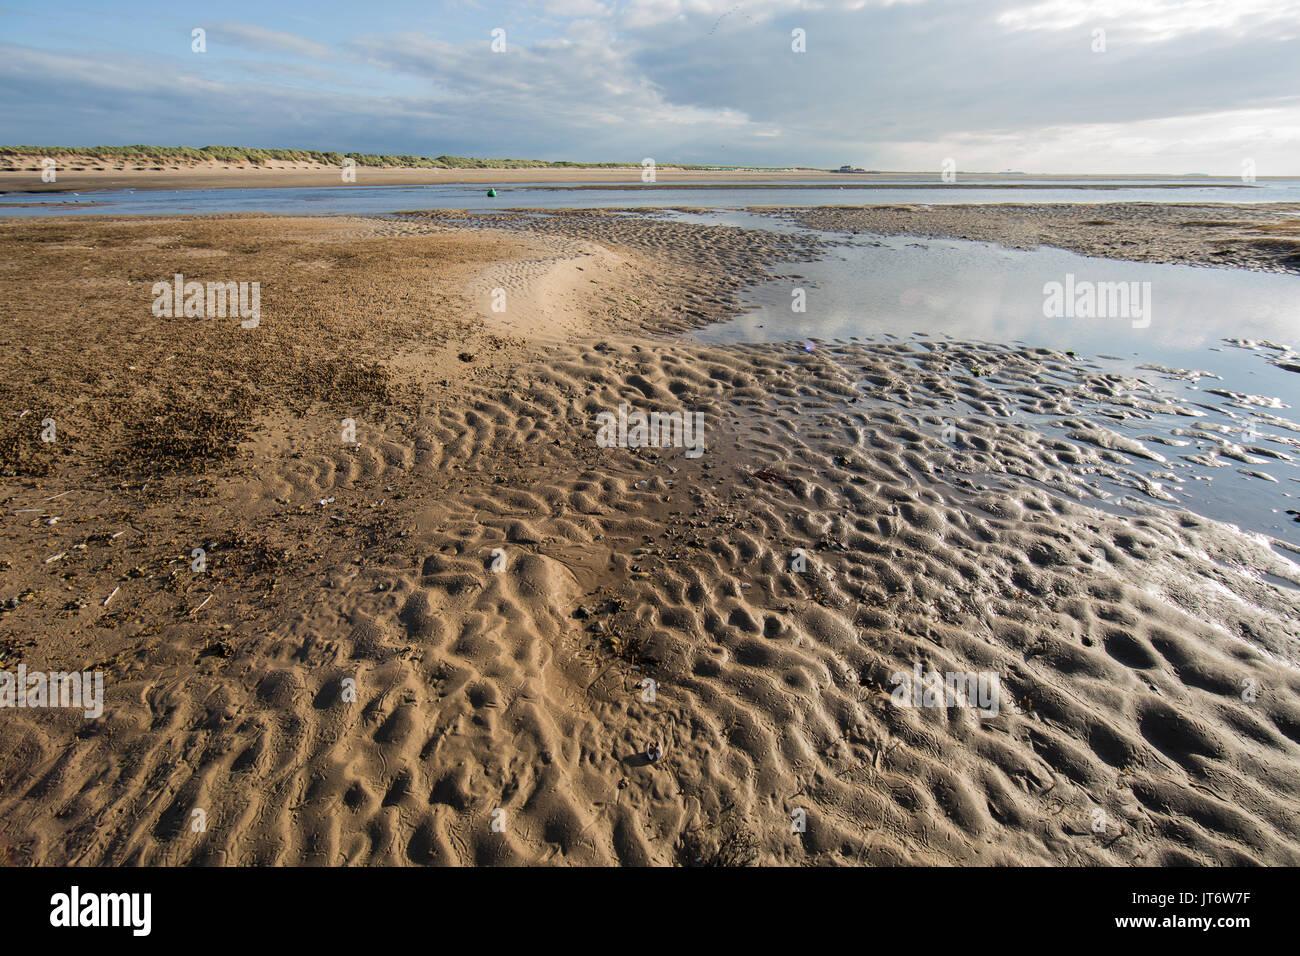 Brancaster Beach, Norfolk, UK - Stock Image